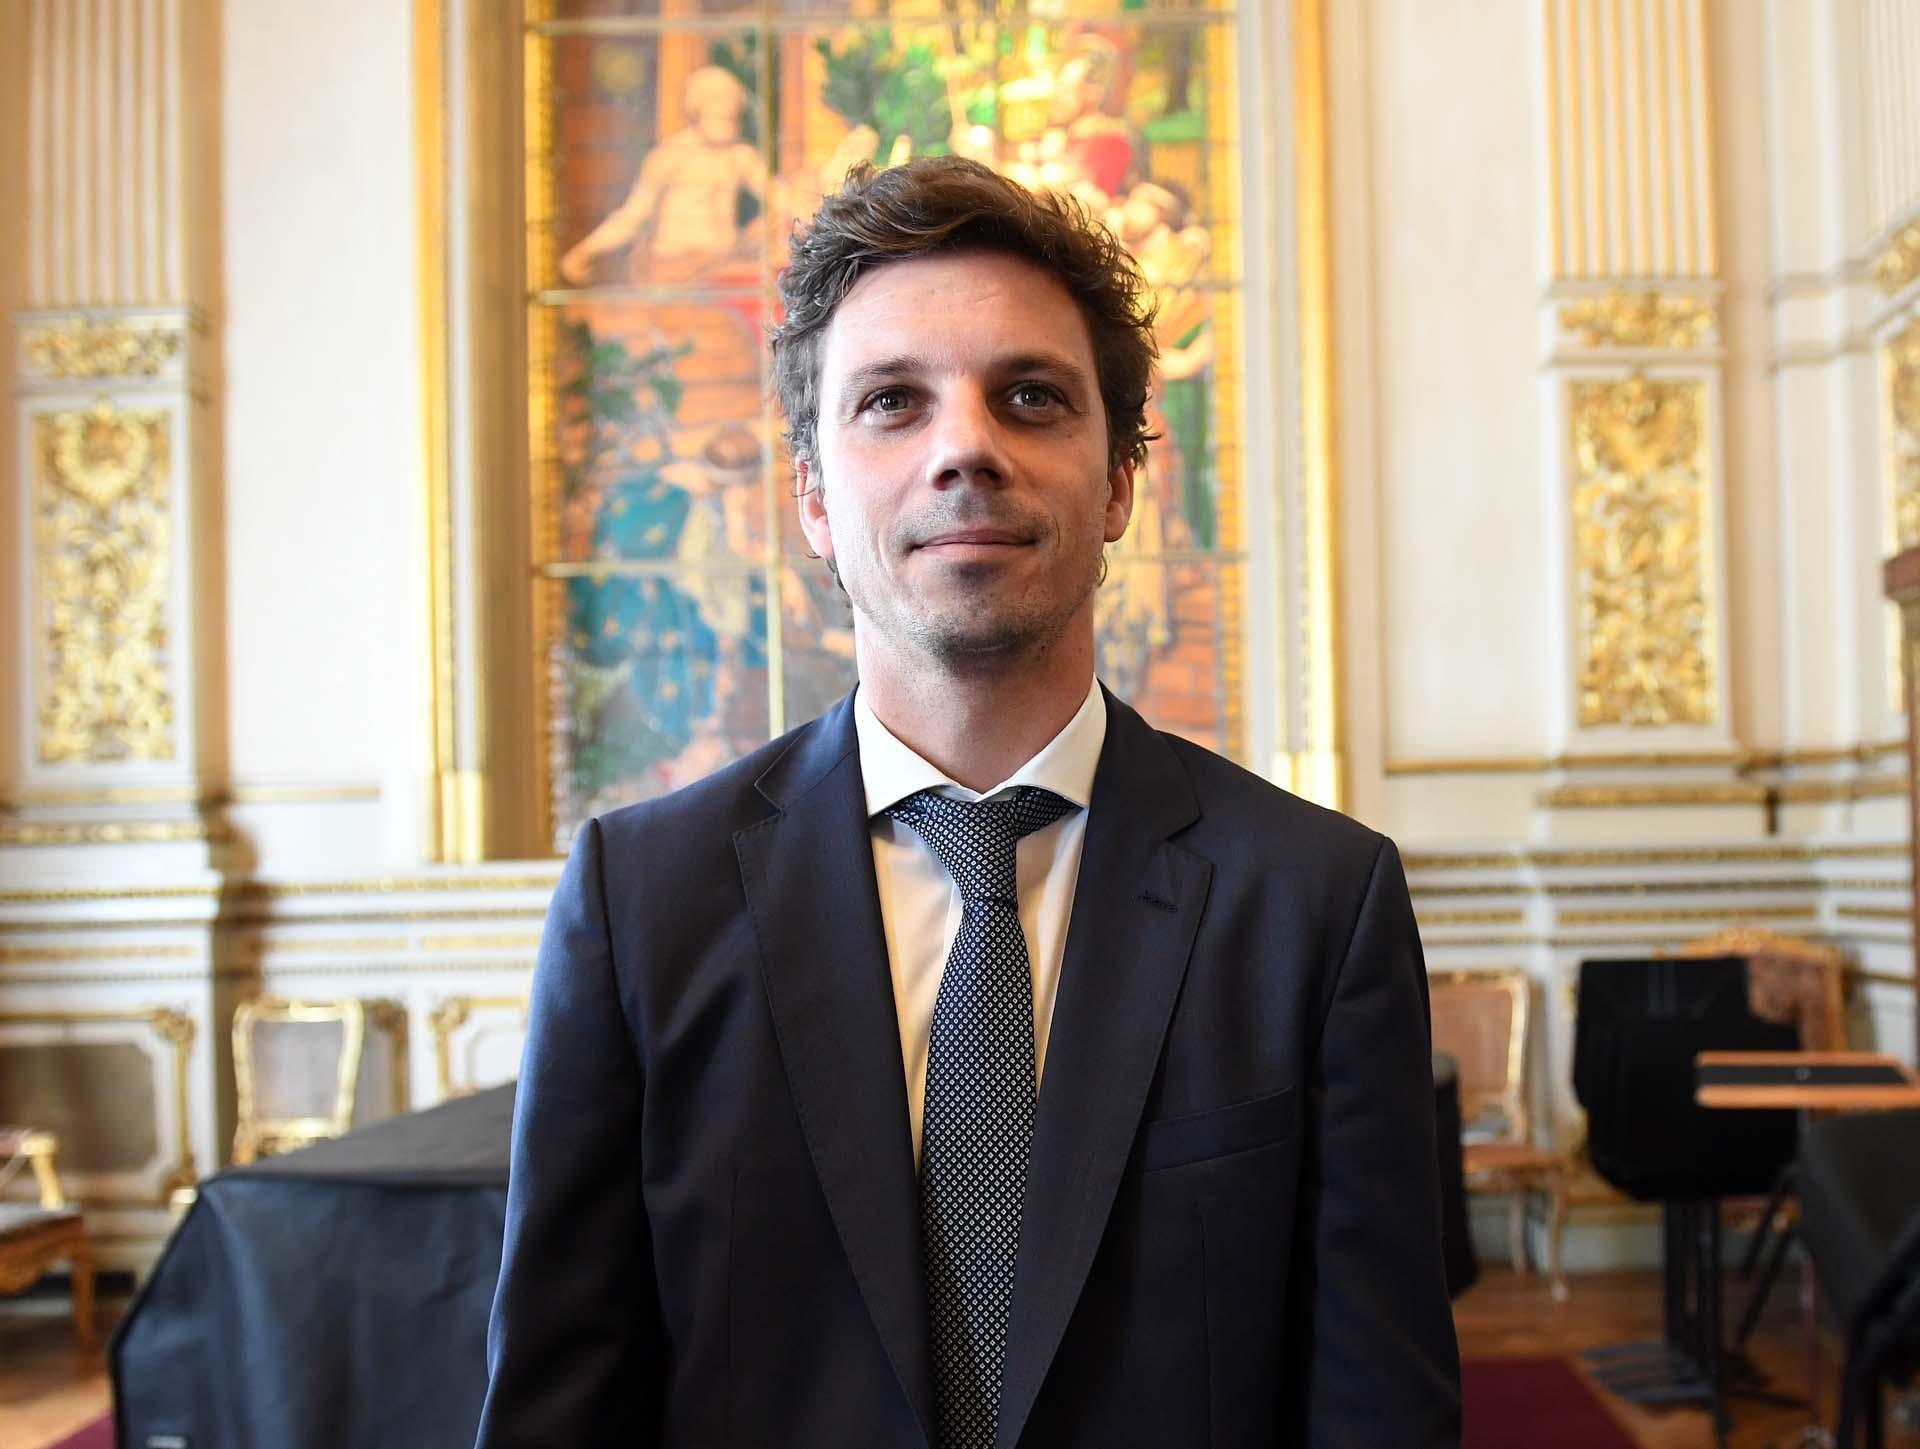 Facundo Bargalló, quien reemplazará a Juan Bautista Mahiques en el Consejo de la Magistratura y como subsecretario de Asuntos Penitenciarios.